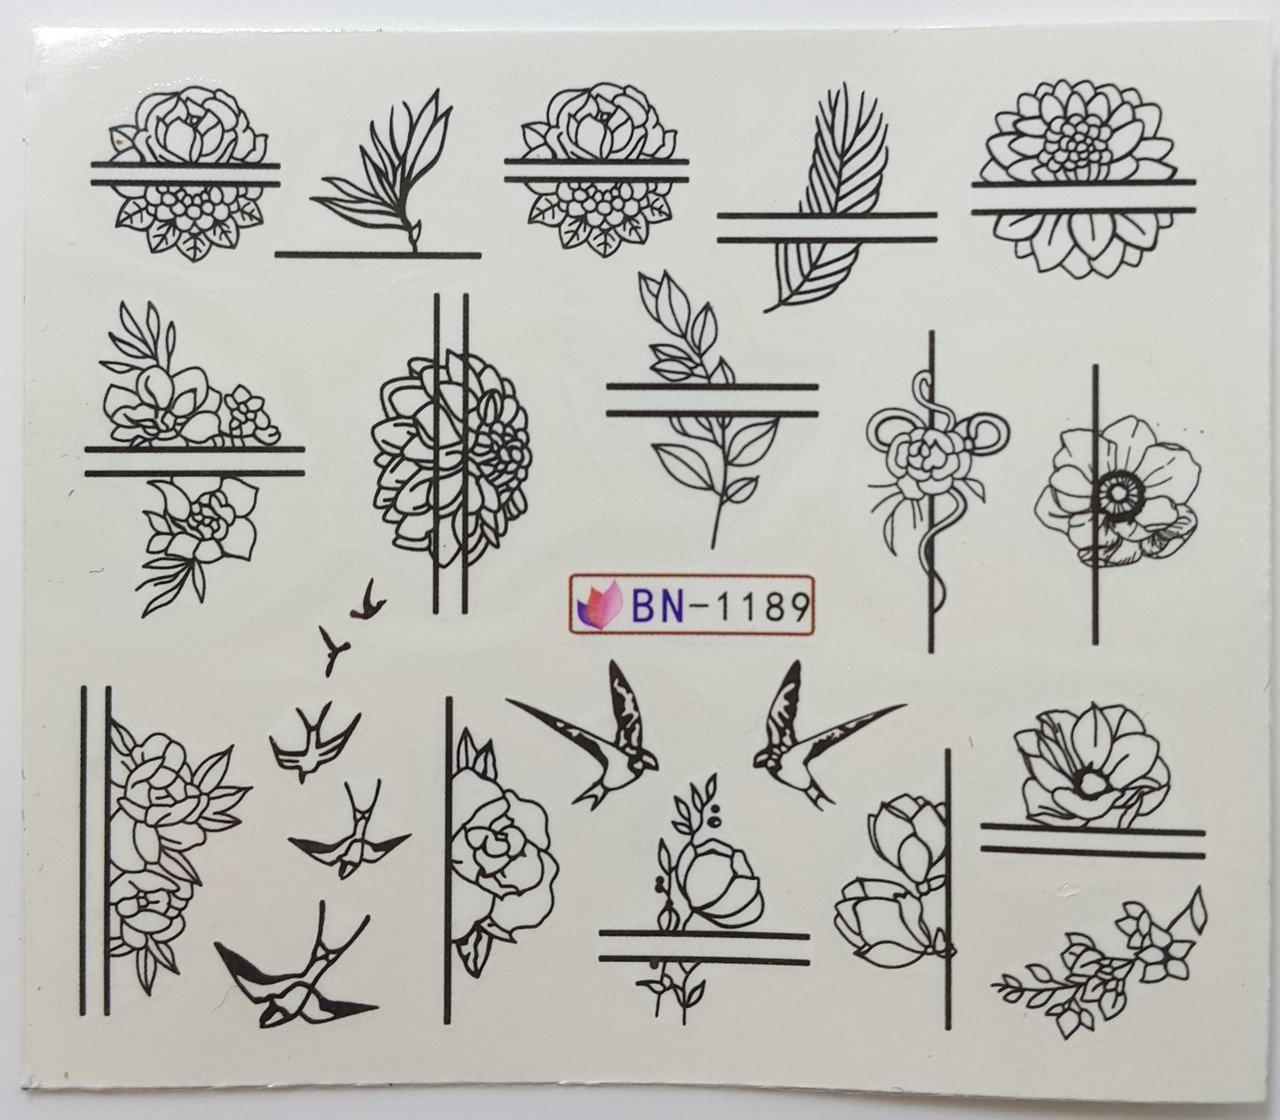 Слайдер-дизайн BN-1189